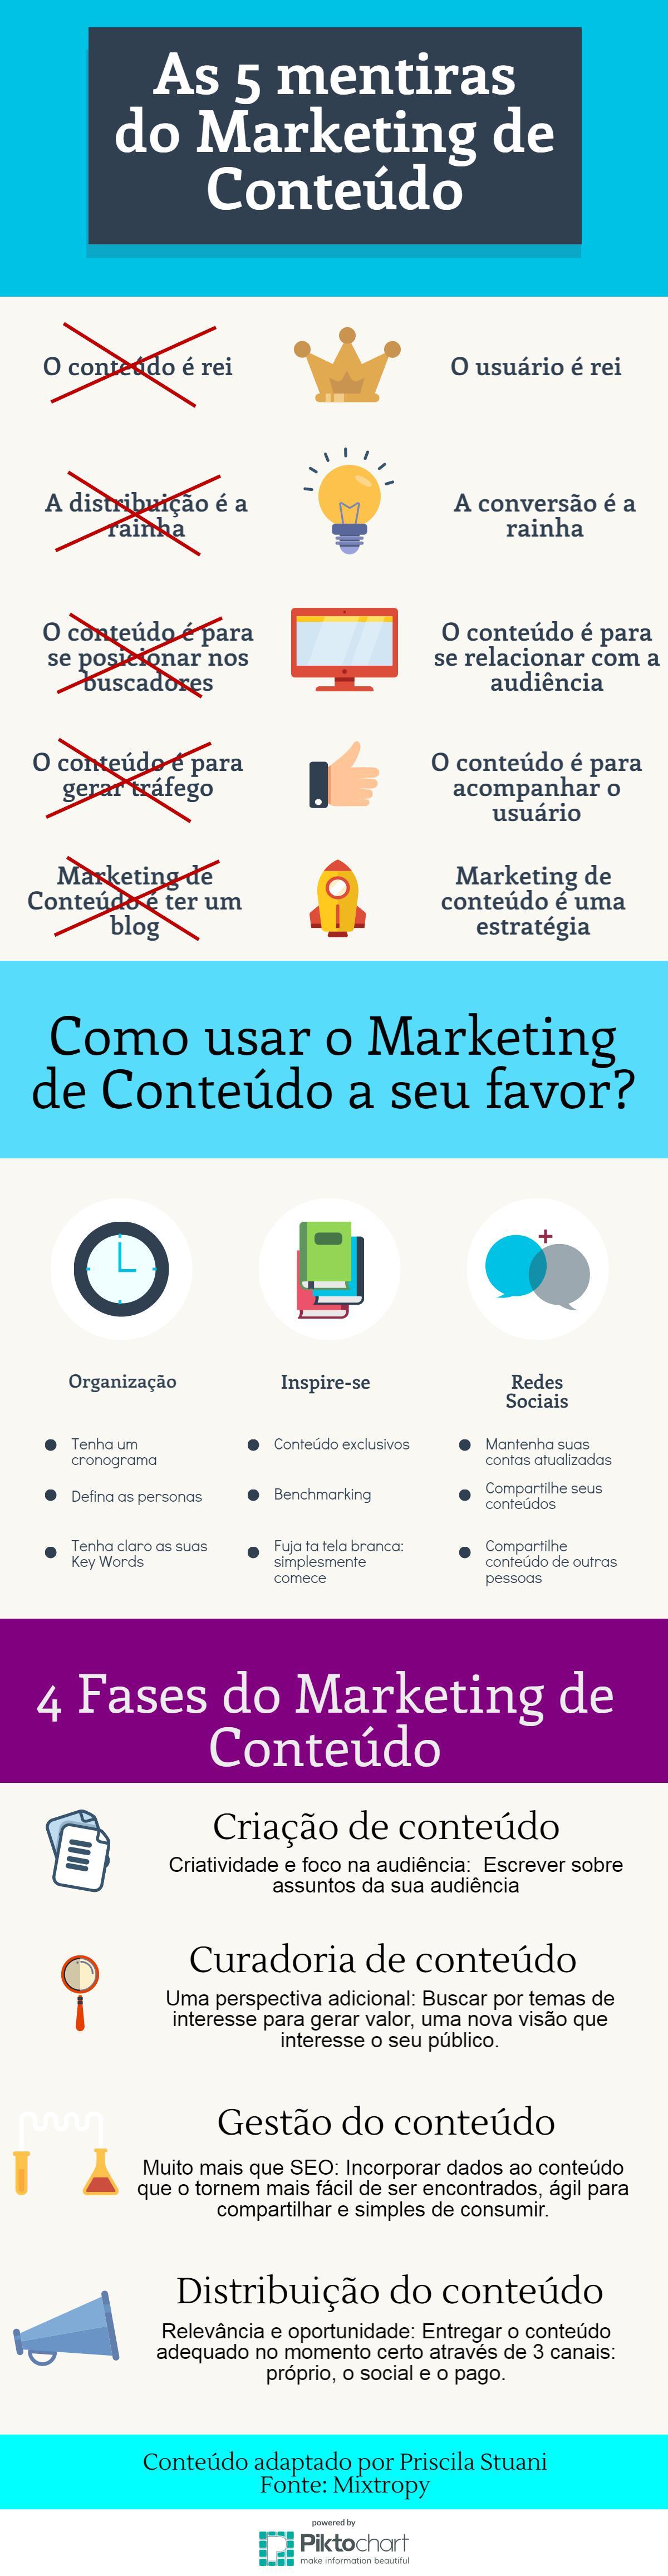 Infográfico: 5 mentiras sobre o marketing de conteúdo